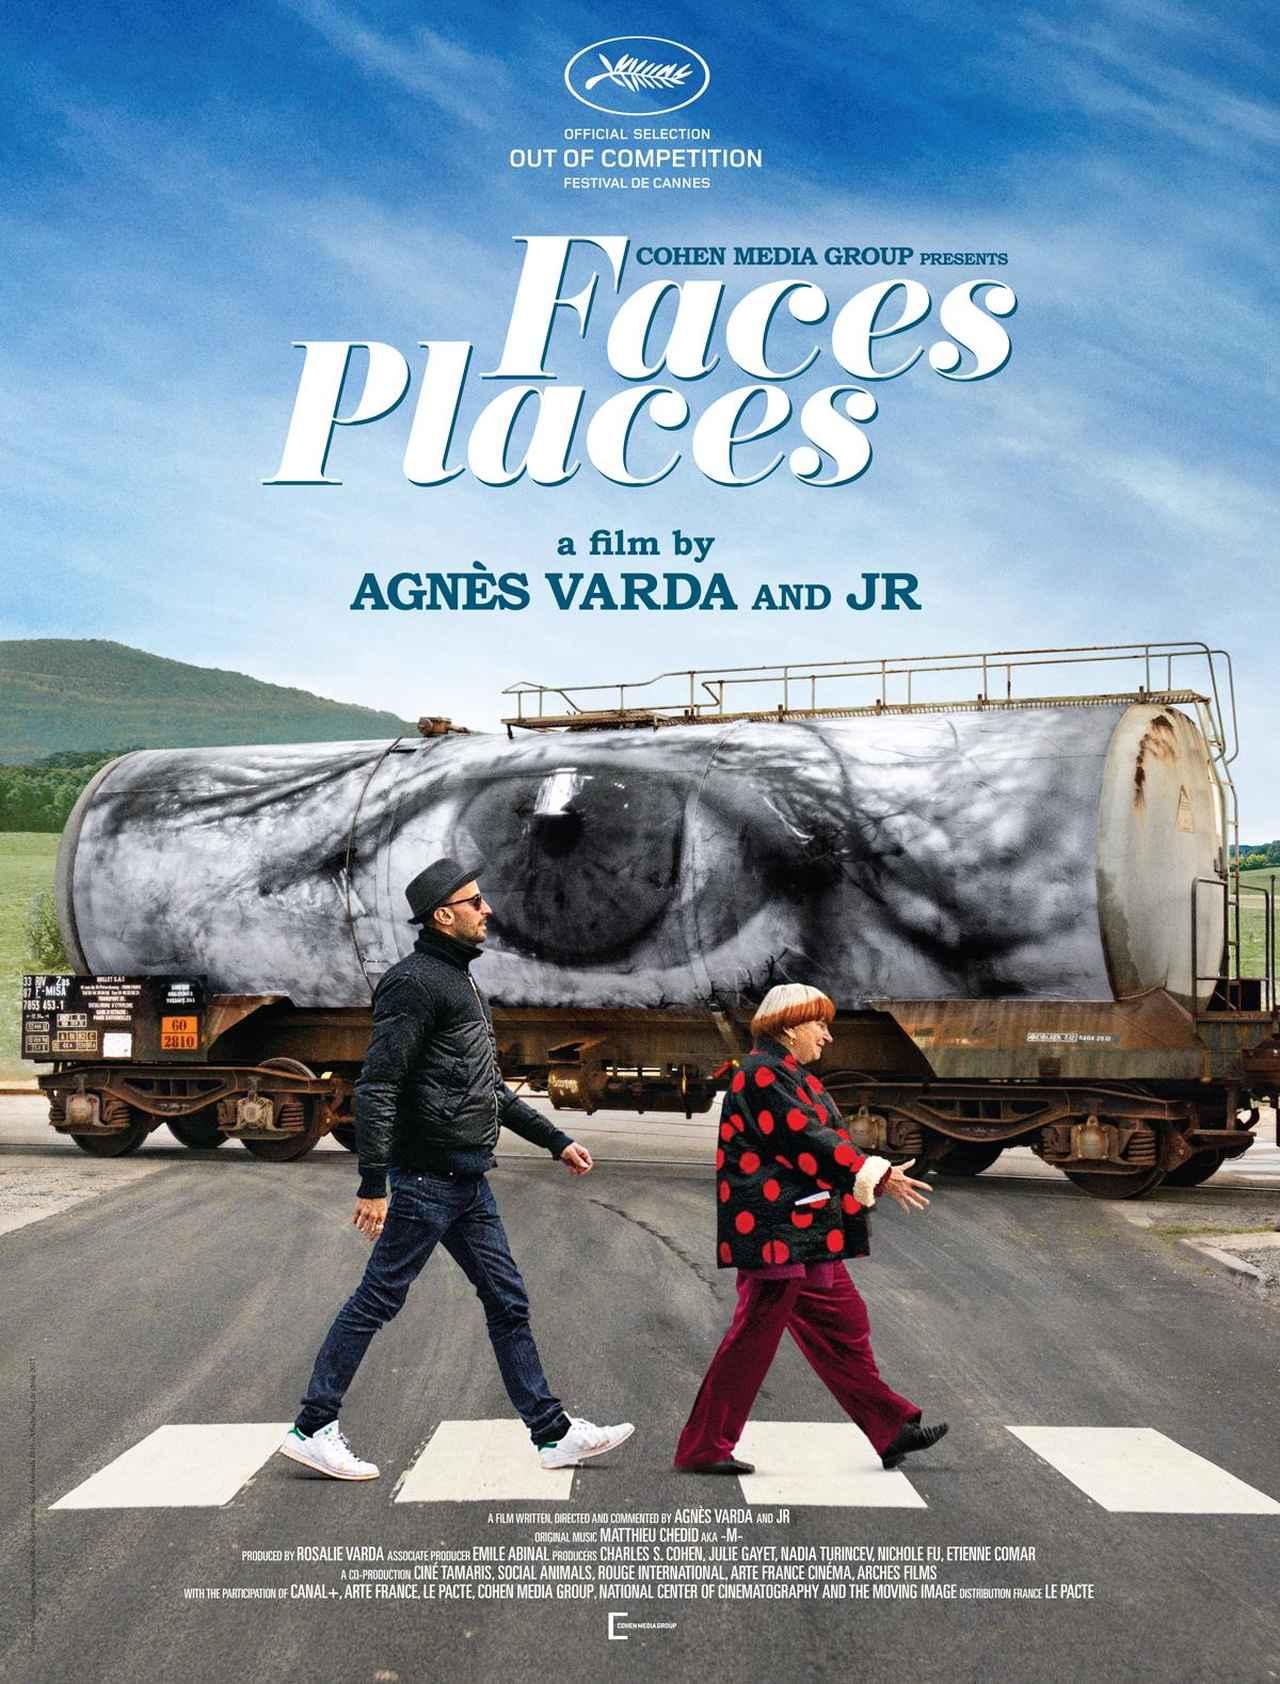 画像1: 名匠アニエス・ヴァルダ(88歳)&アーティストJR(34歳)共同監督 『Faces Places(英題)』 2017年トロント国際映画祭 観客賞ドキュメンタリー部門受賞!